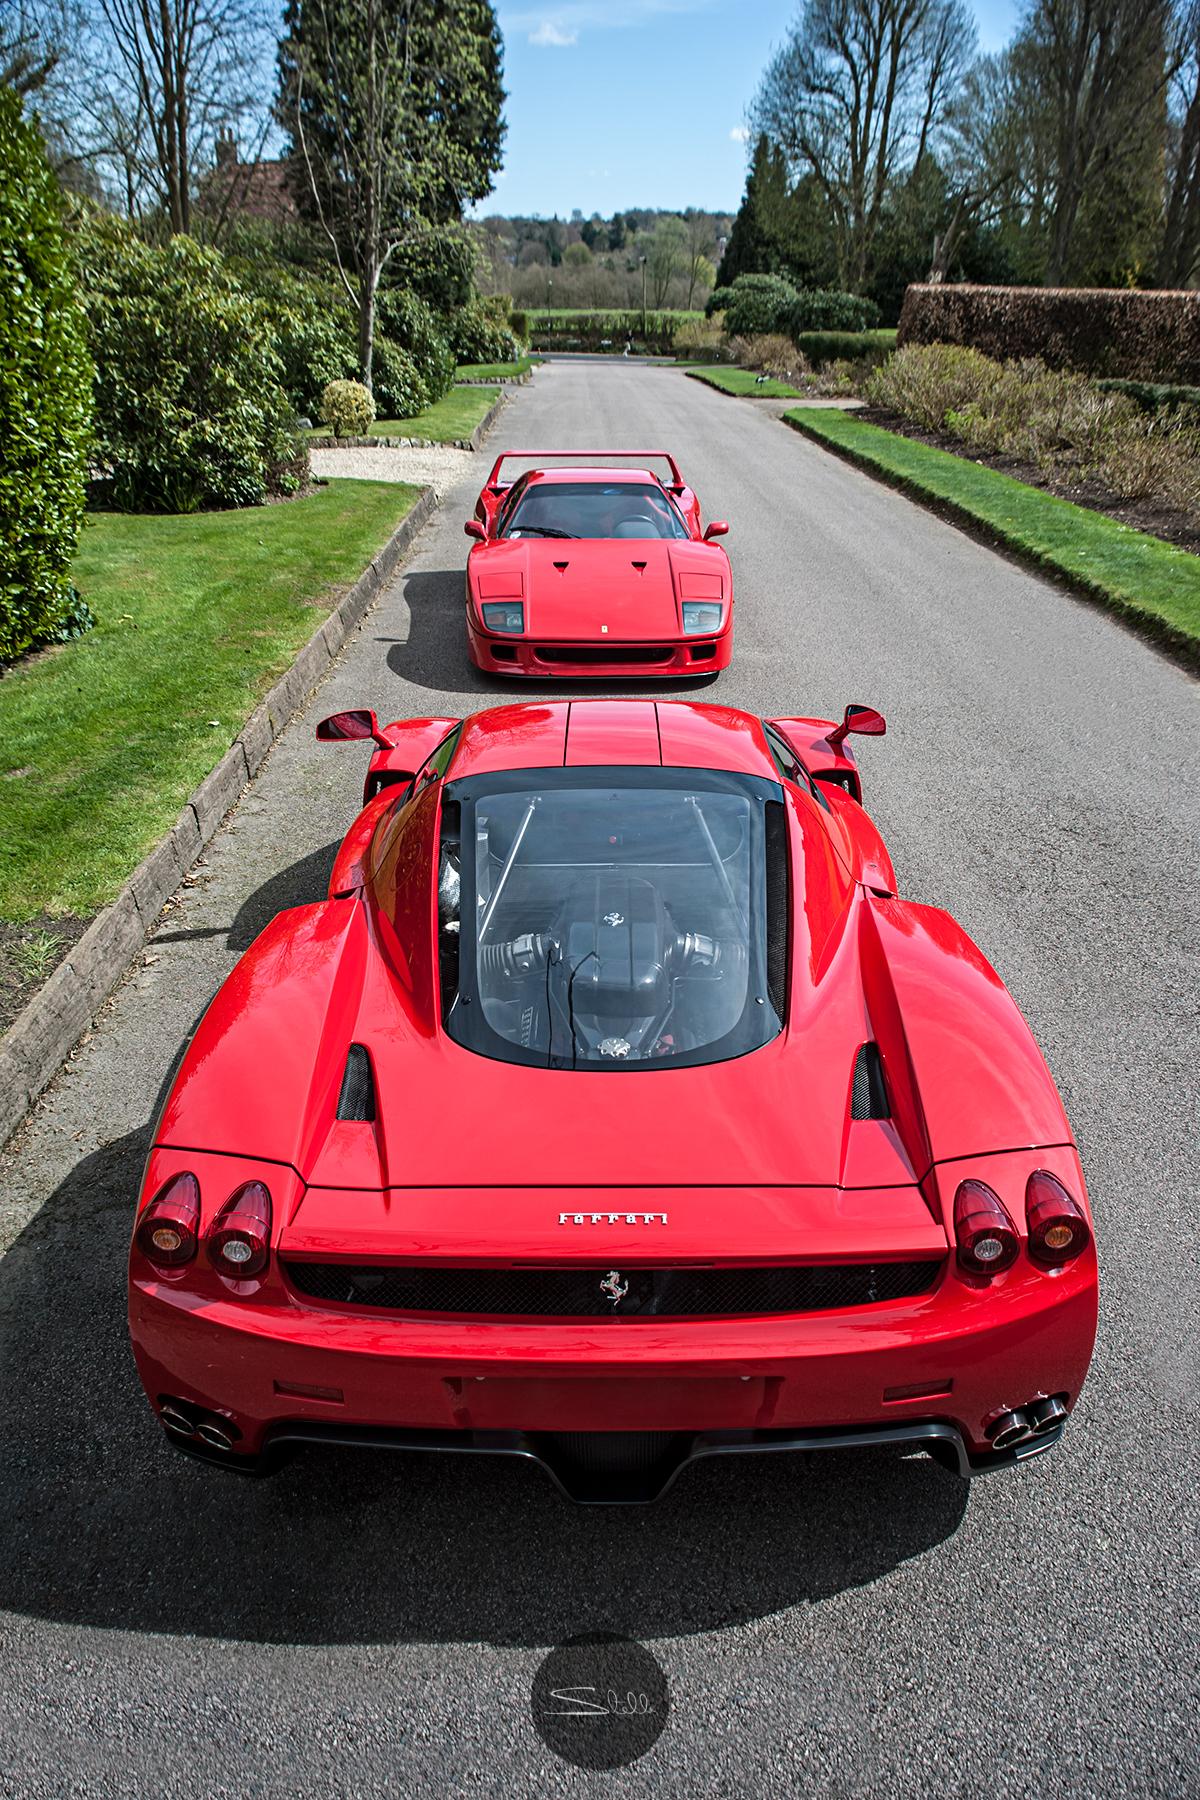 Stella Scordellis Ferrari Enzo & Ferrari F40 Watermarked.jpg